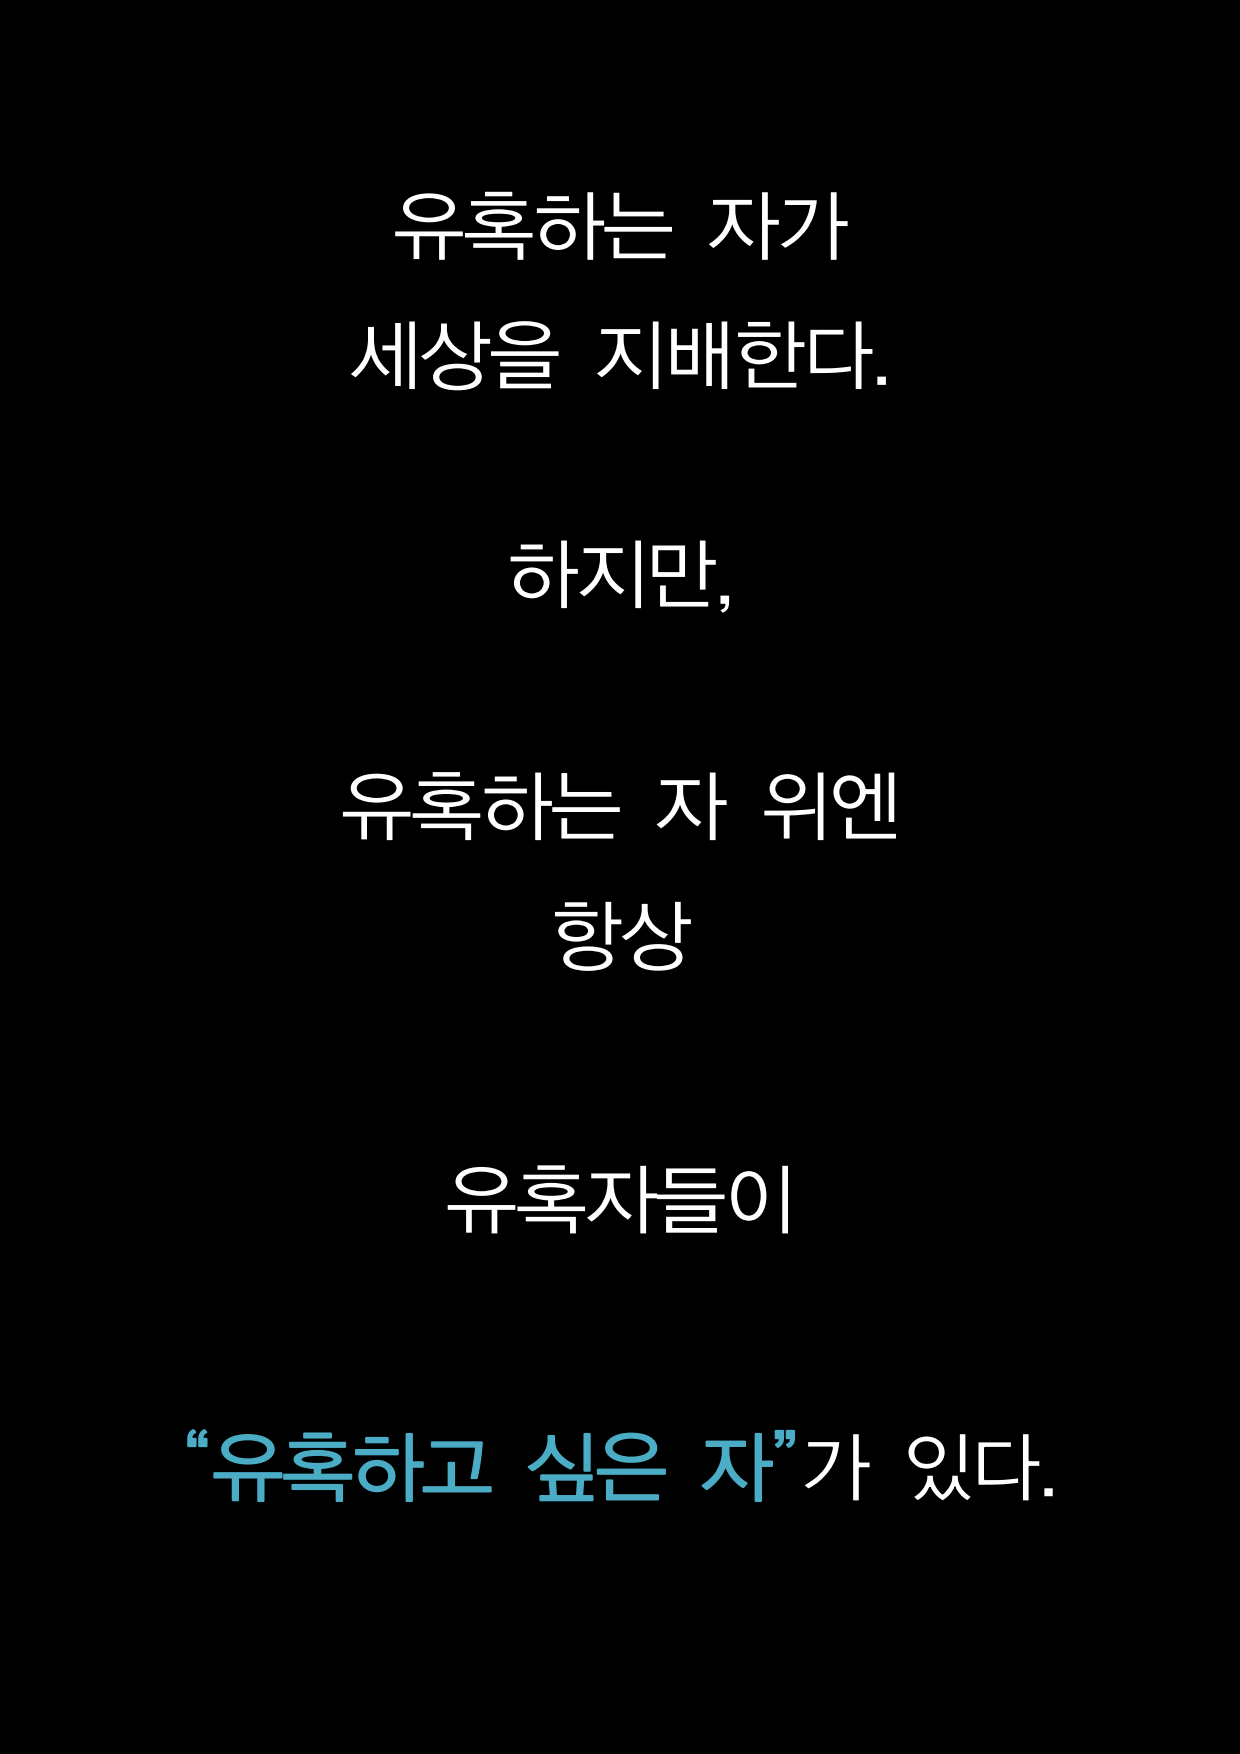 본 머티리어 1회차 홍보글 v3(수강후기 따로 편집요함)_47.png